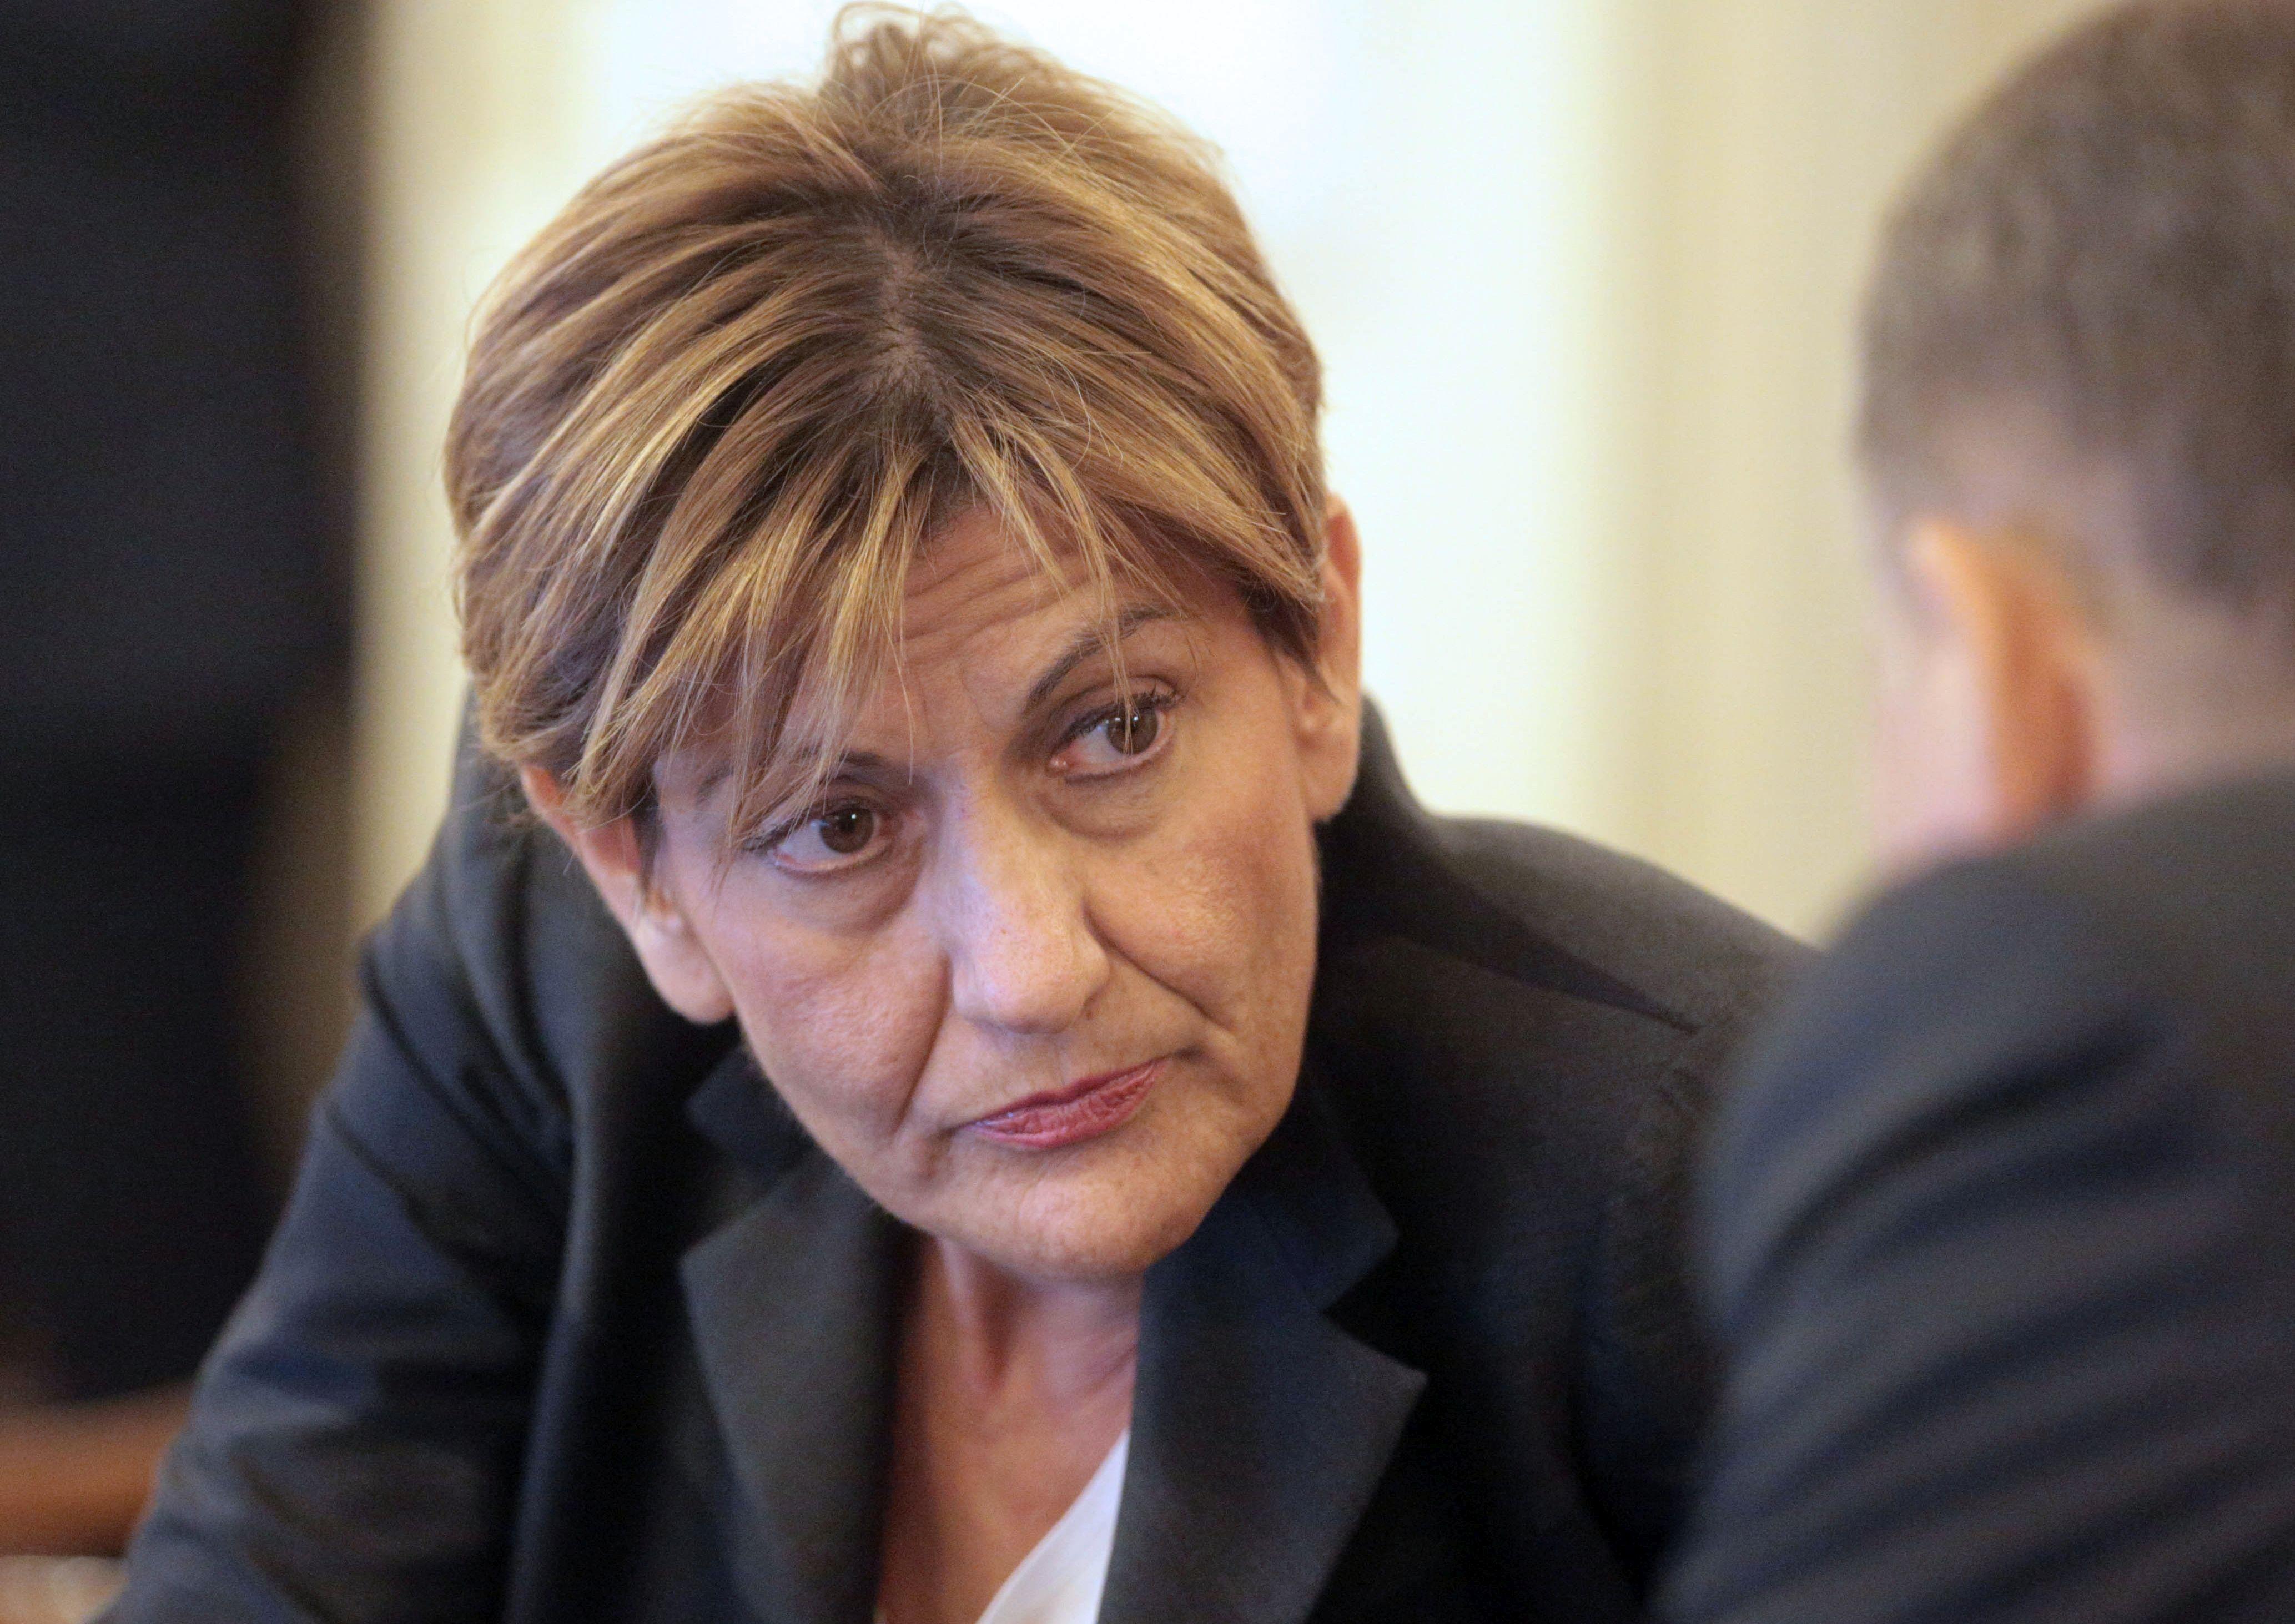 DALIĆ 'Zar je Ivica Todorić toliko važan da bi Vlada komentirala?'